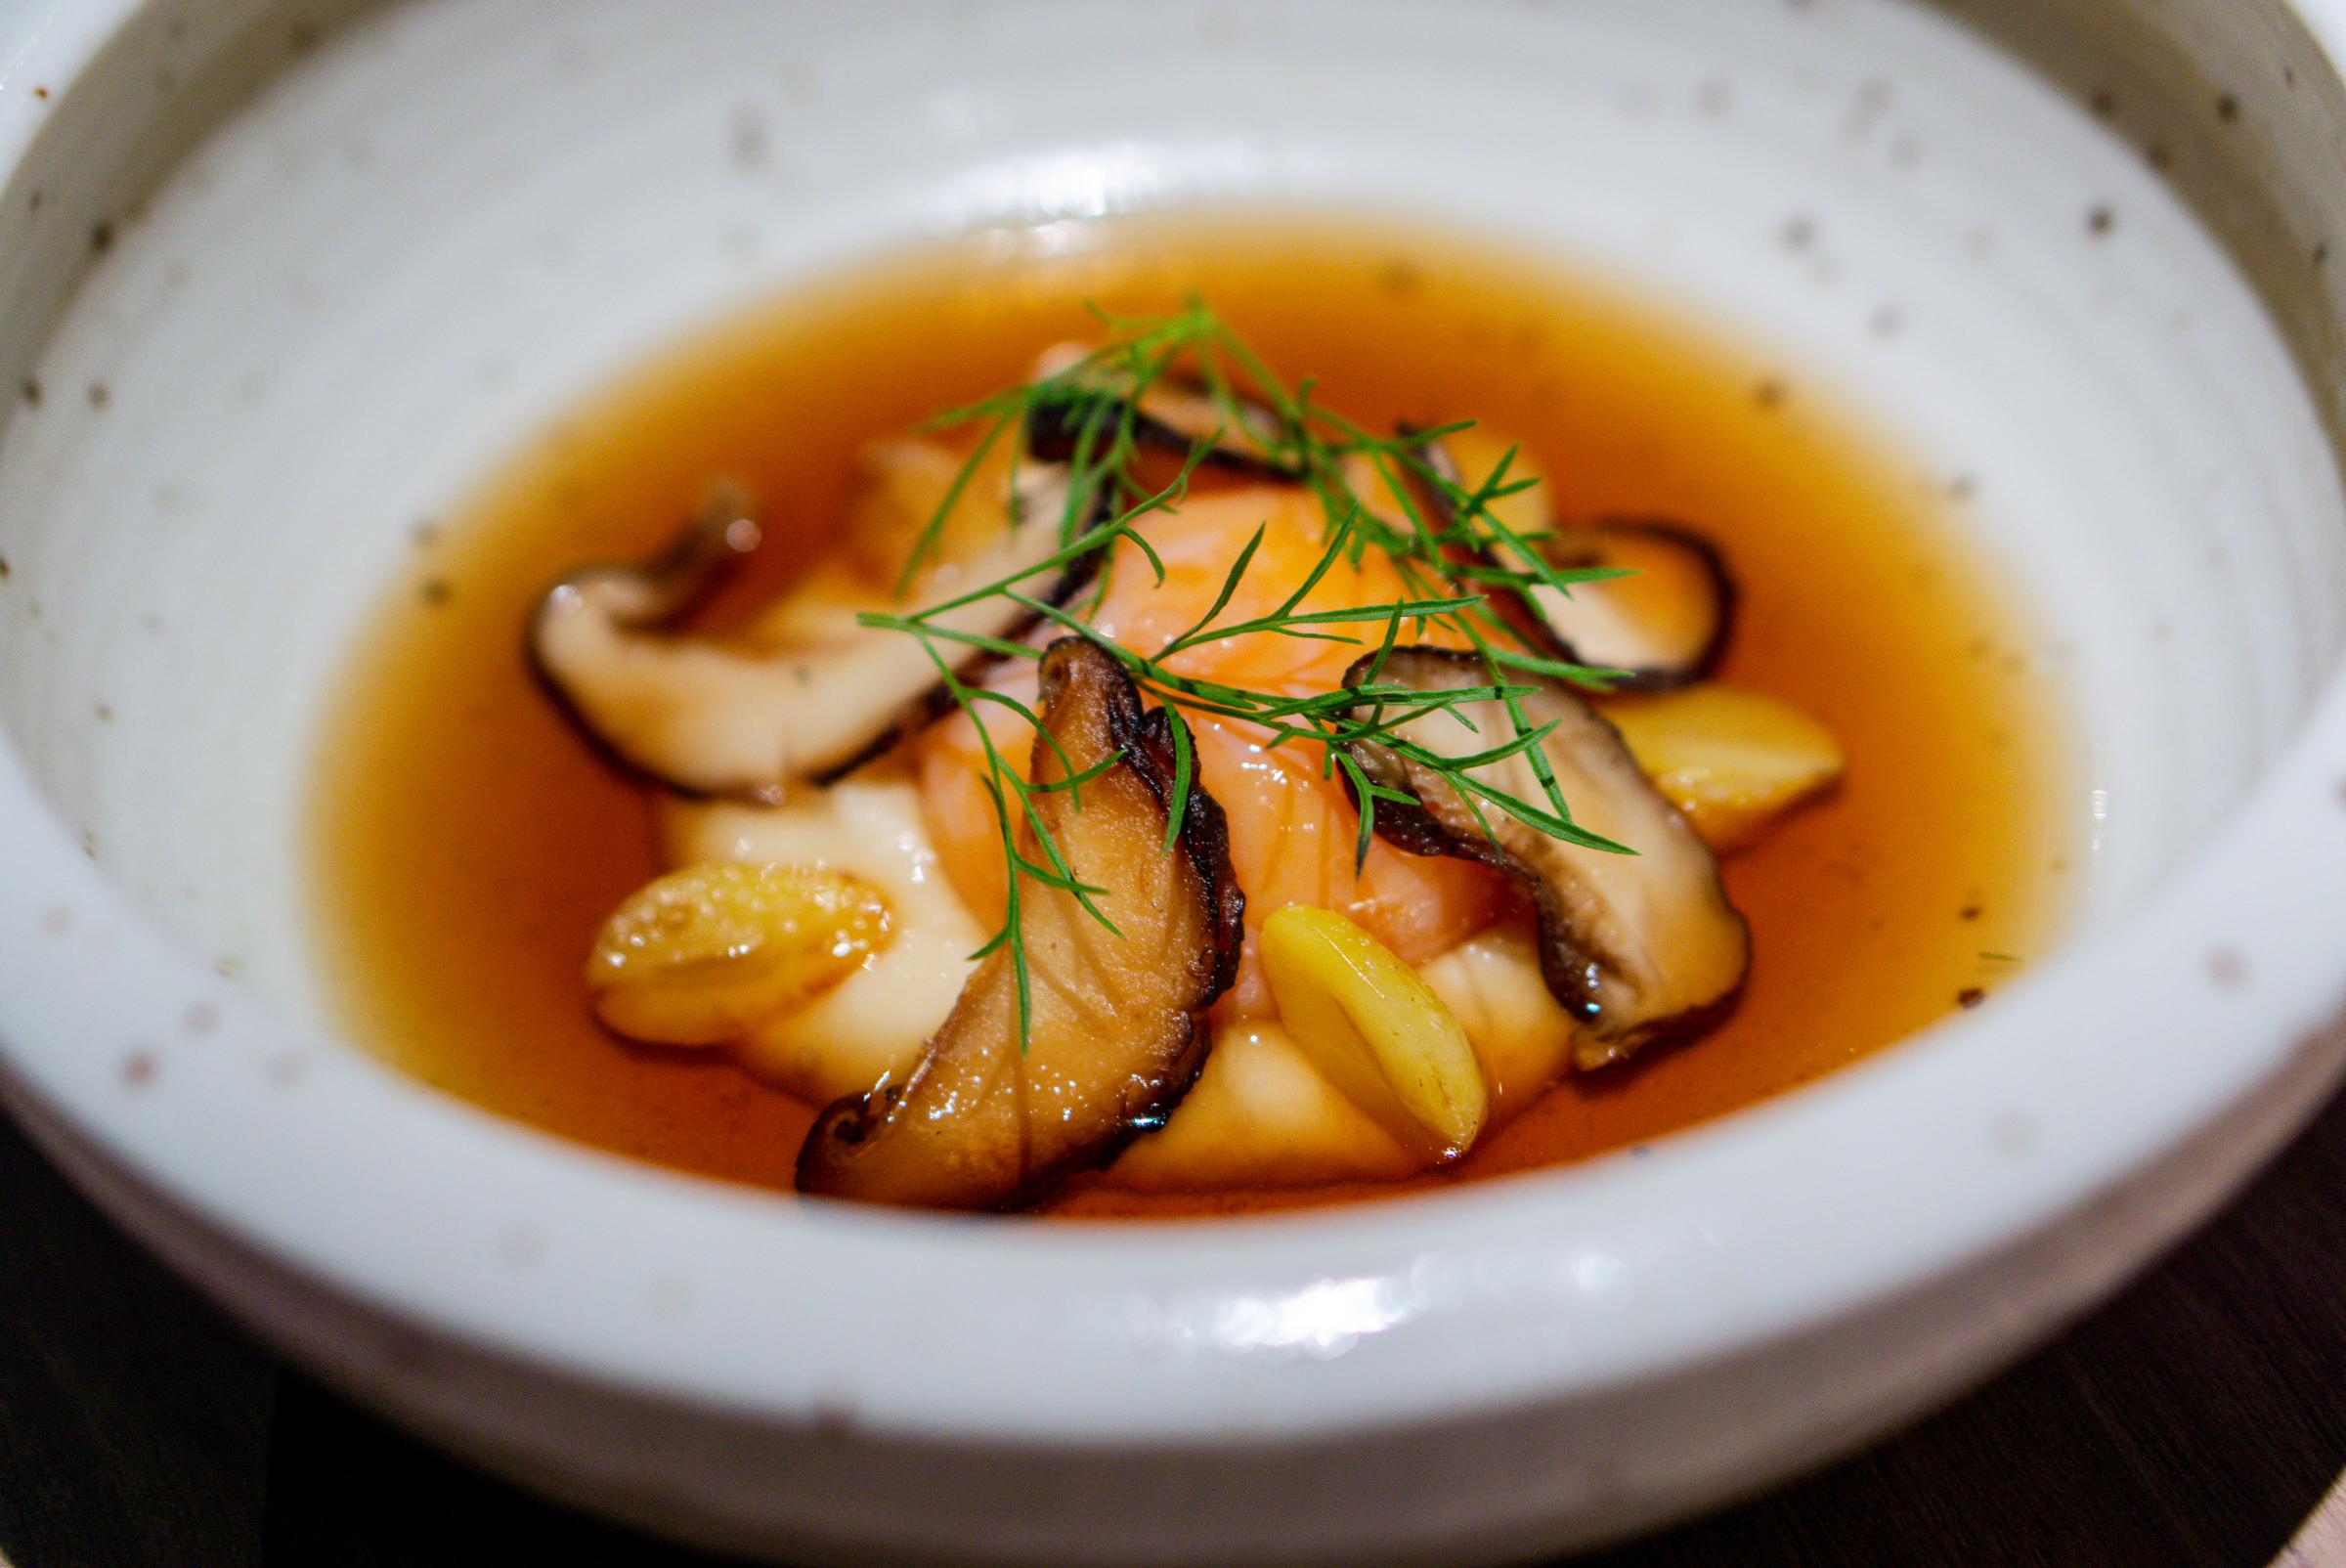 Restaurant-Ibid-Woo-Wai-Leong-Tea-Egg-2.jpg